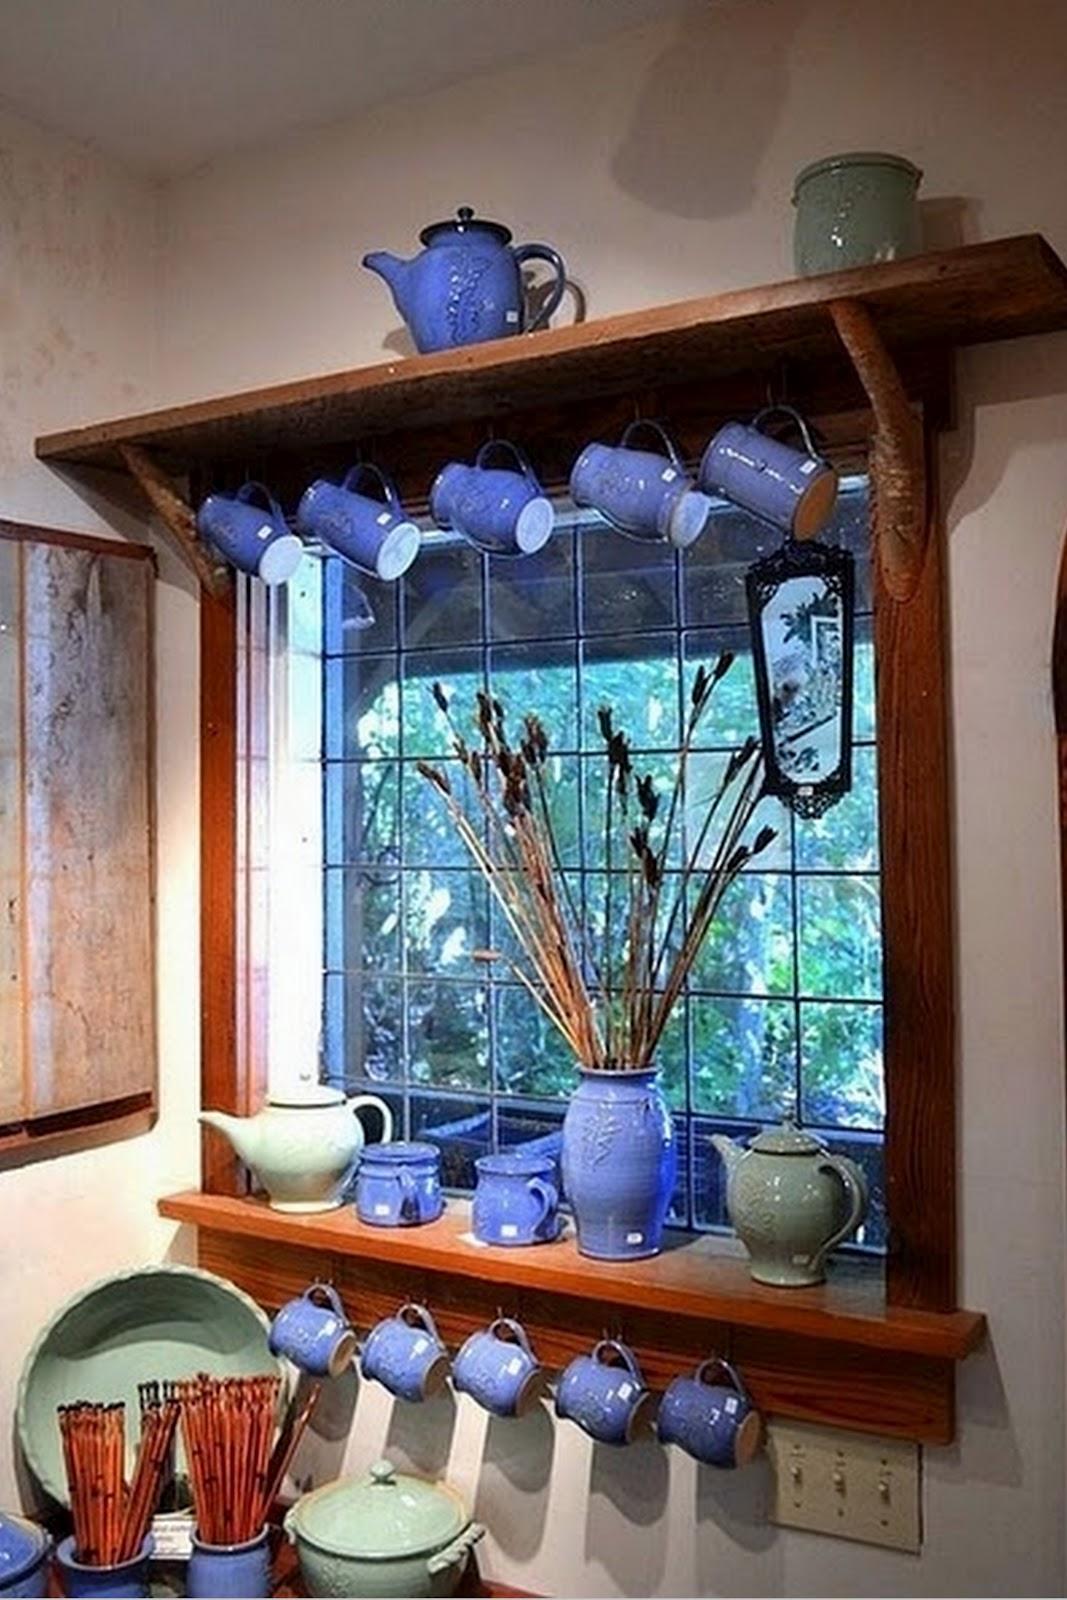 #31809A Toques e Retoques: Prateleiras na janela da cozinha #1 42 Janelas De Vidro Cozinha